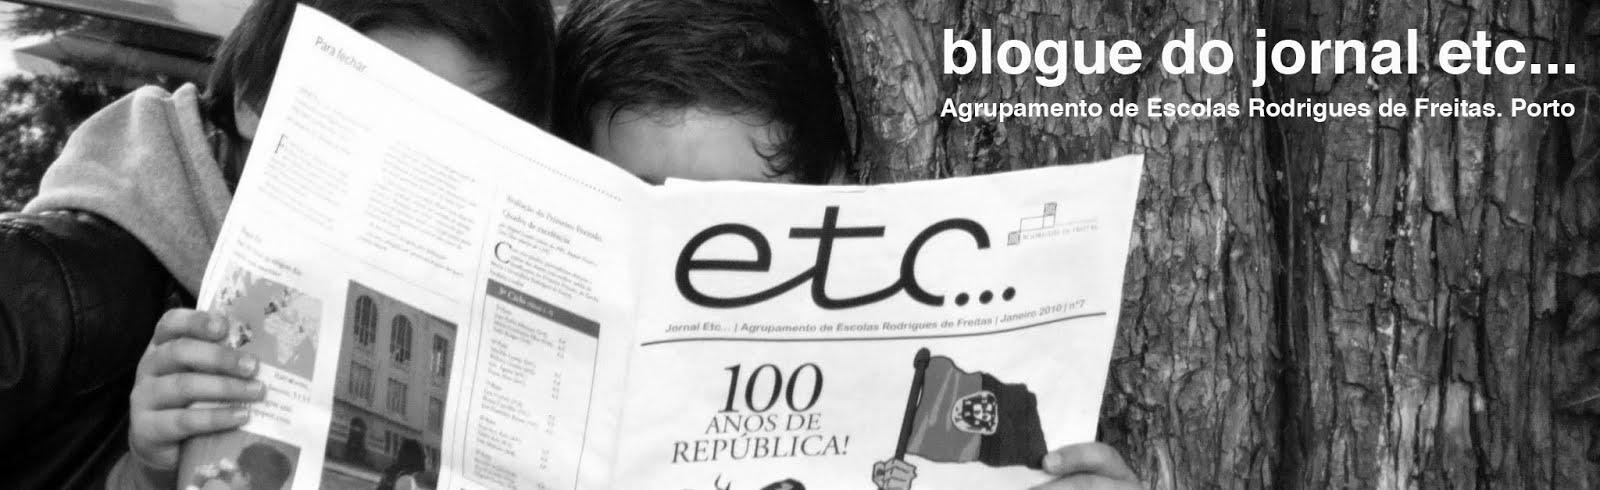 blogue do jornal etc...